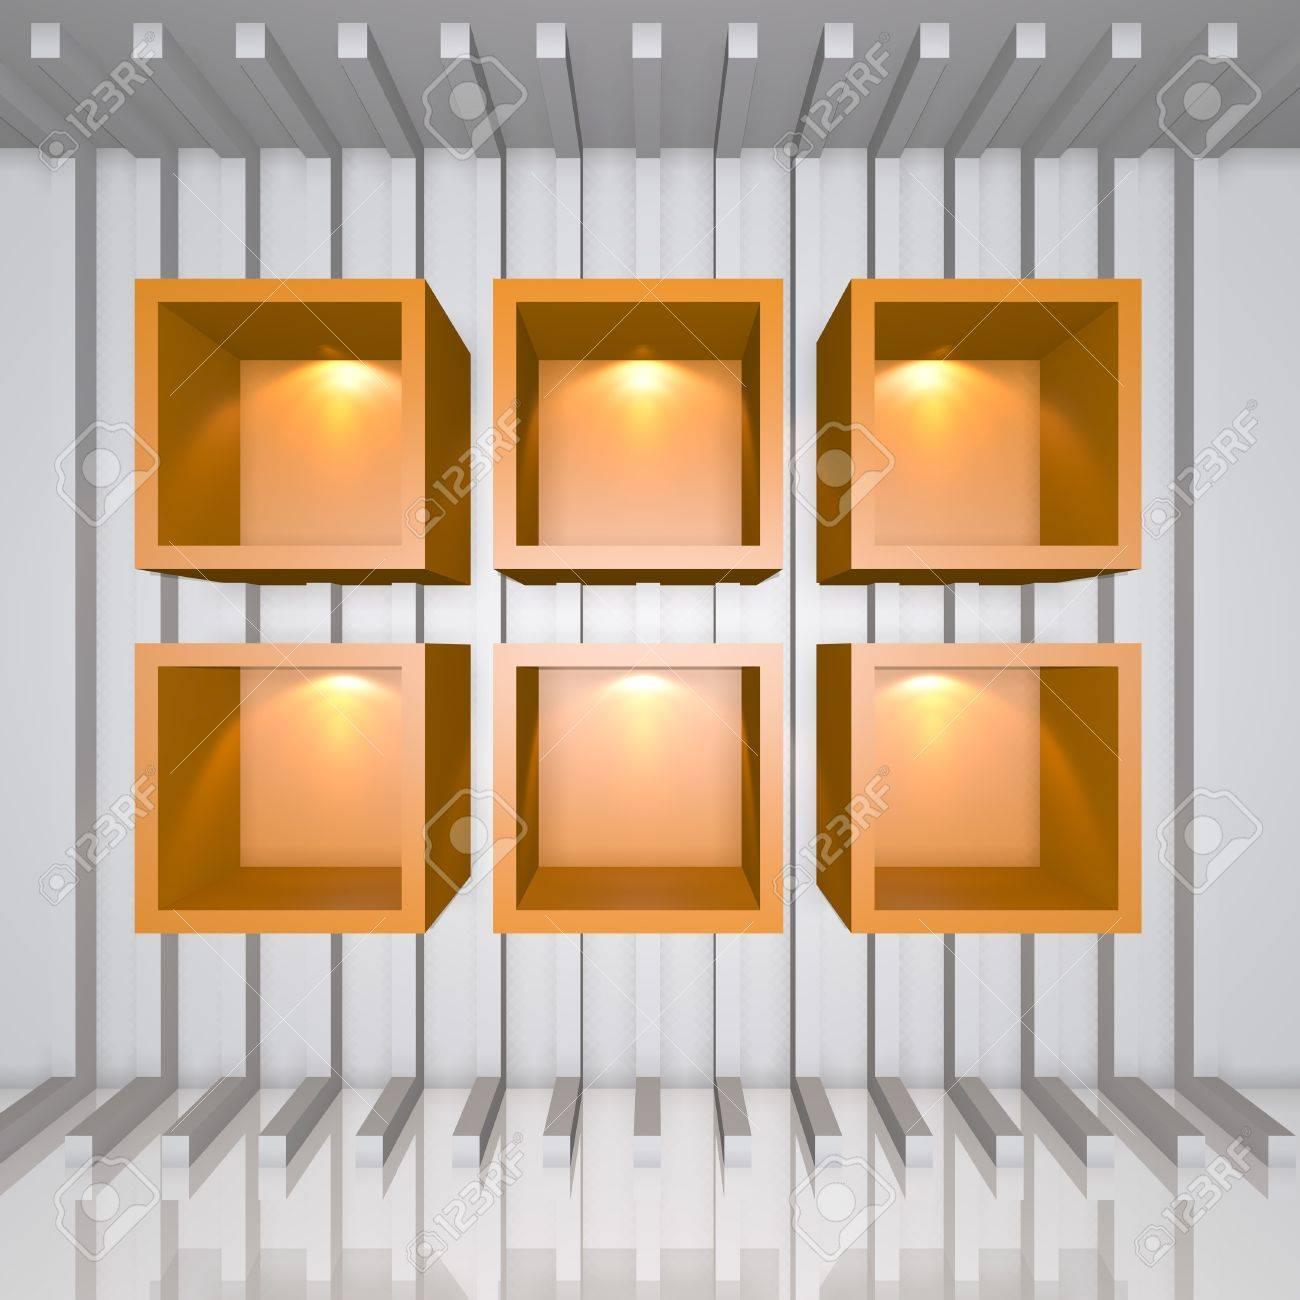 Banque Du0027images   Tablettes 3D Orange Et Le Plateau Pour La Publicité  écharpe Sur Une Ligne Blanche Décorer Mur Dans La Chambre